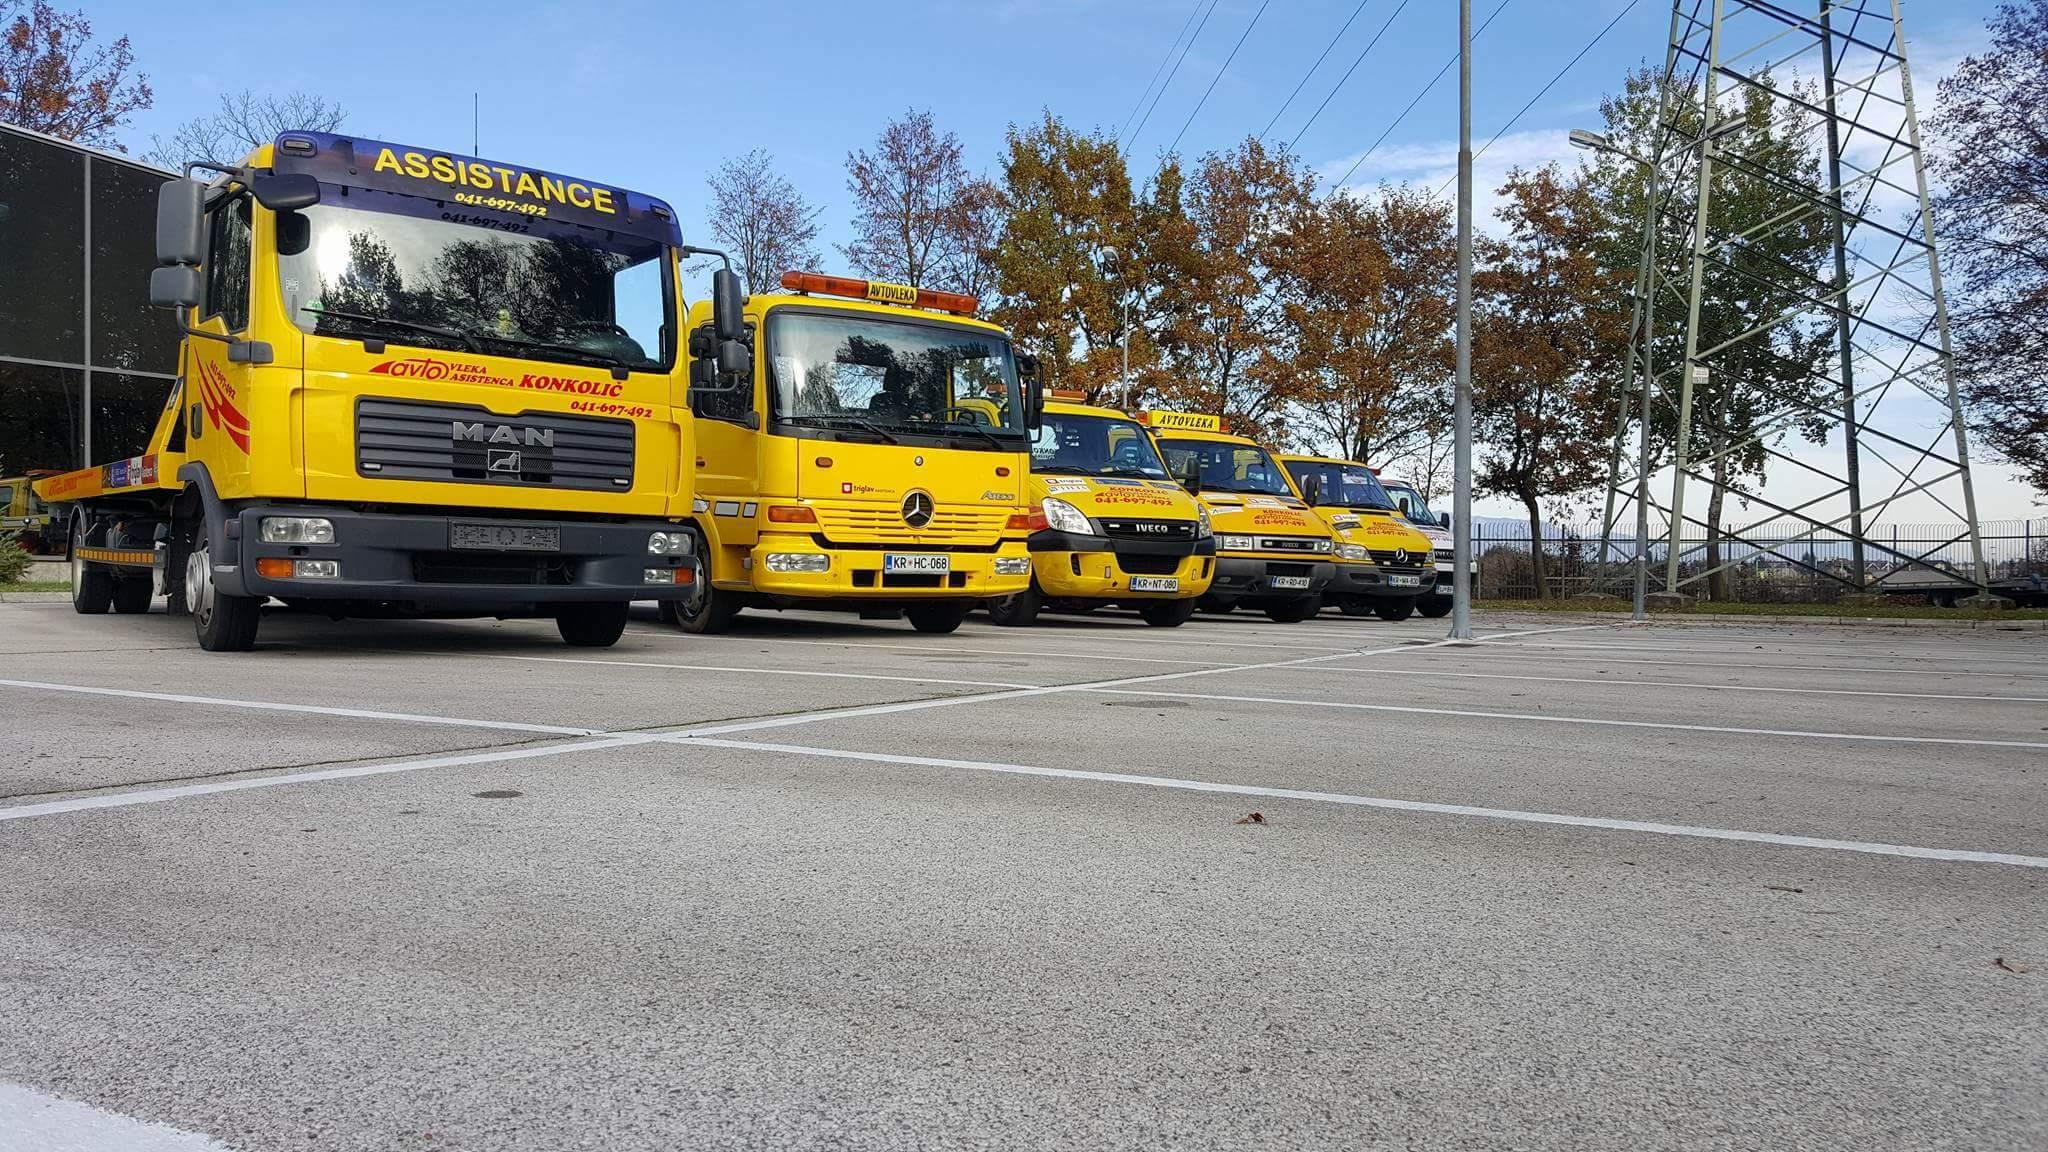 Avtovleka Kranj - Avtoasistenca Konkolič Kranj, Towing Service Kranj, Abschleppdienst Kranj received_10206014332152501